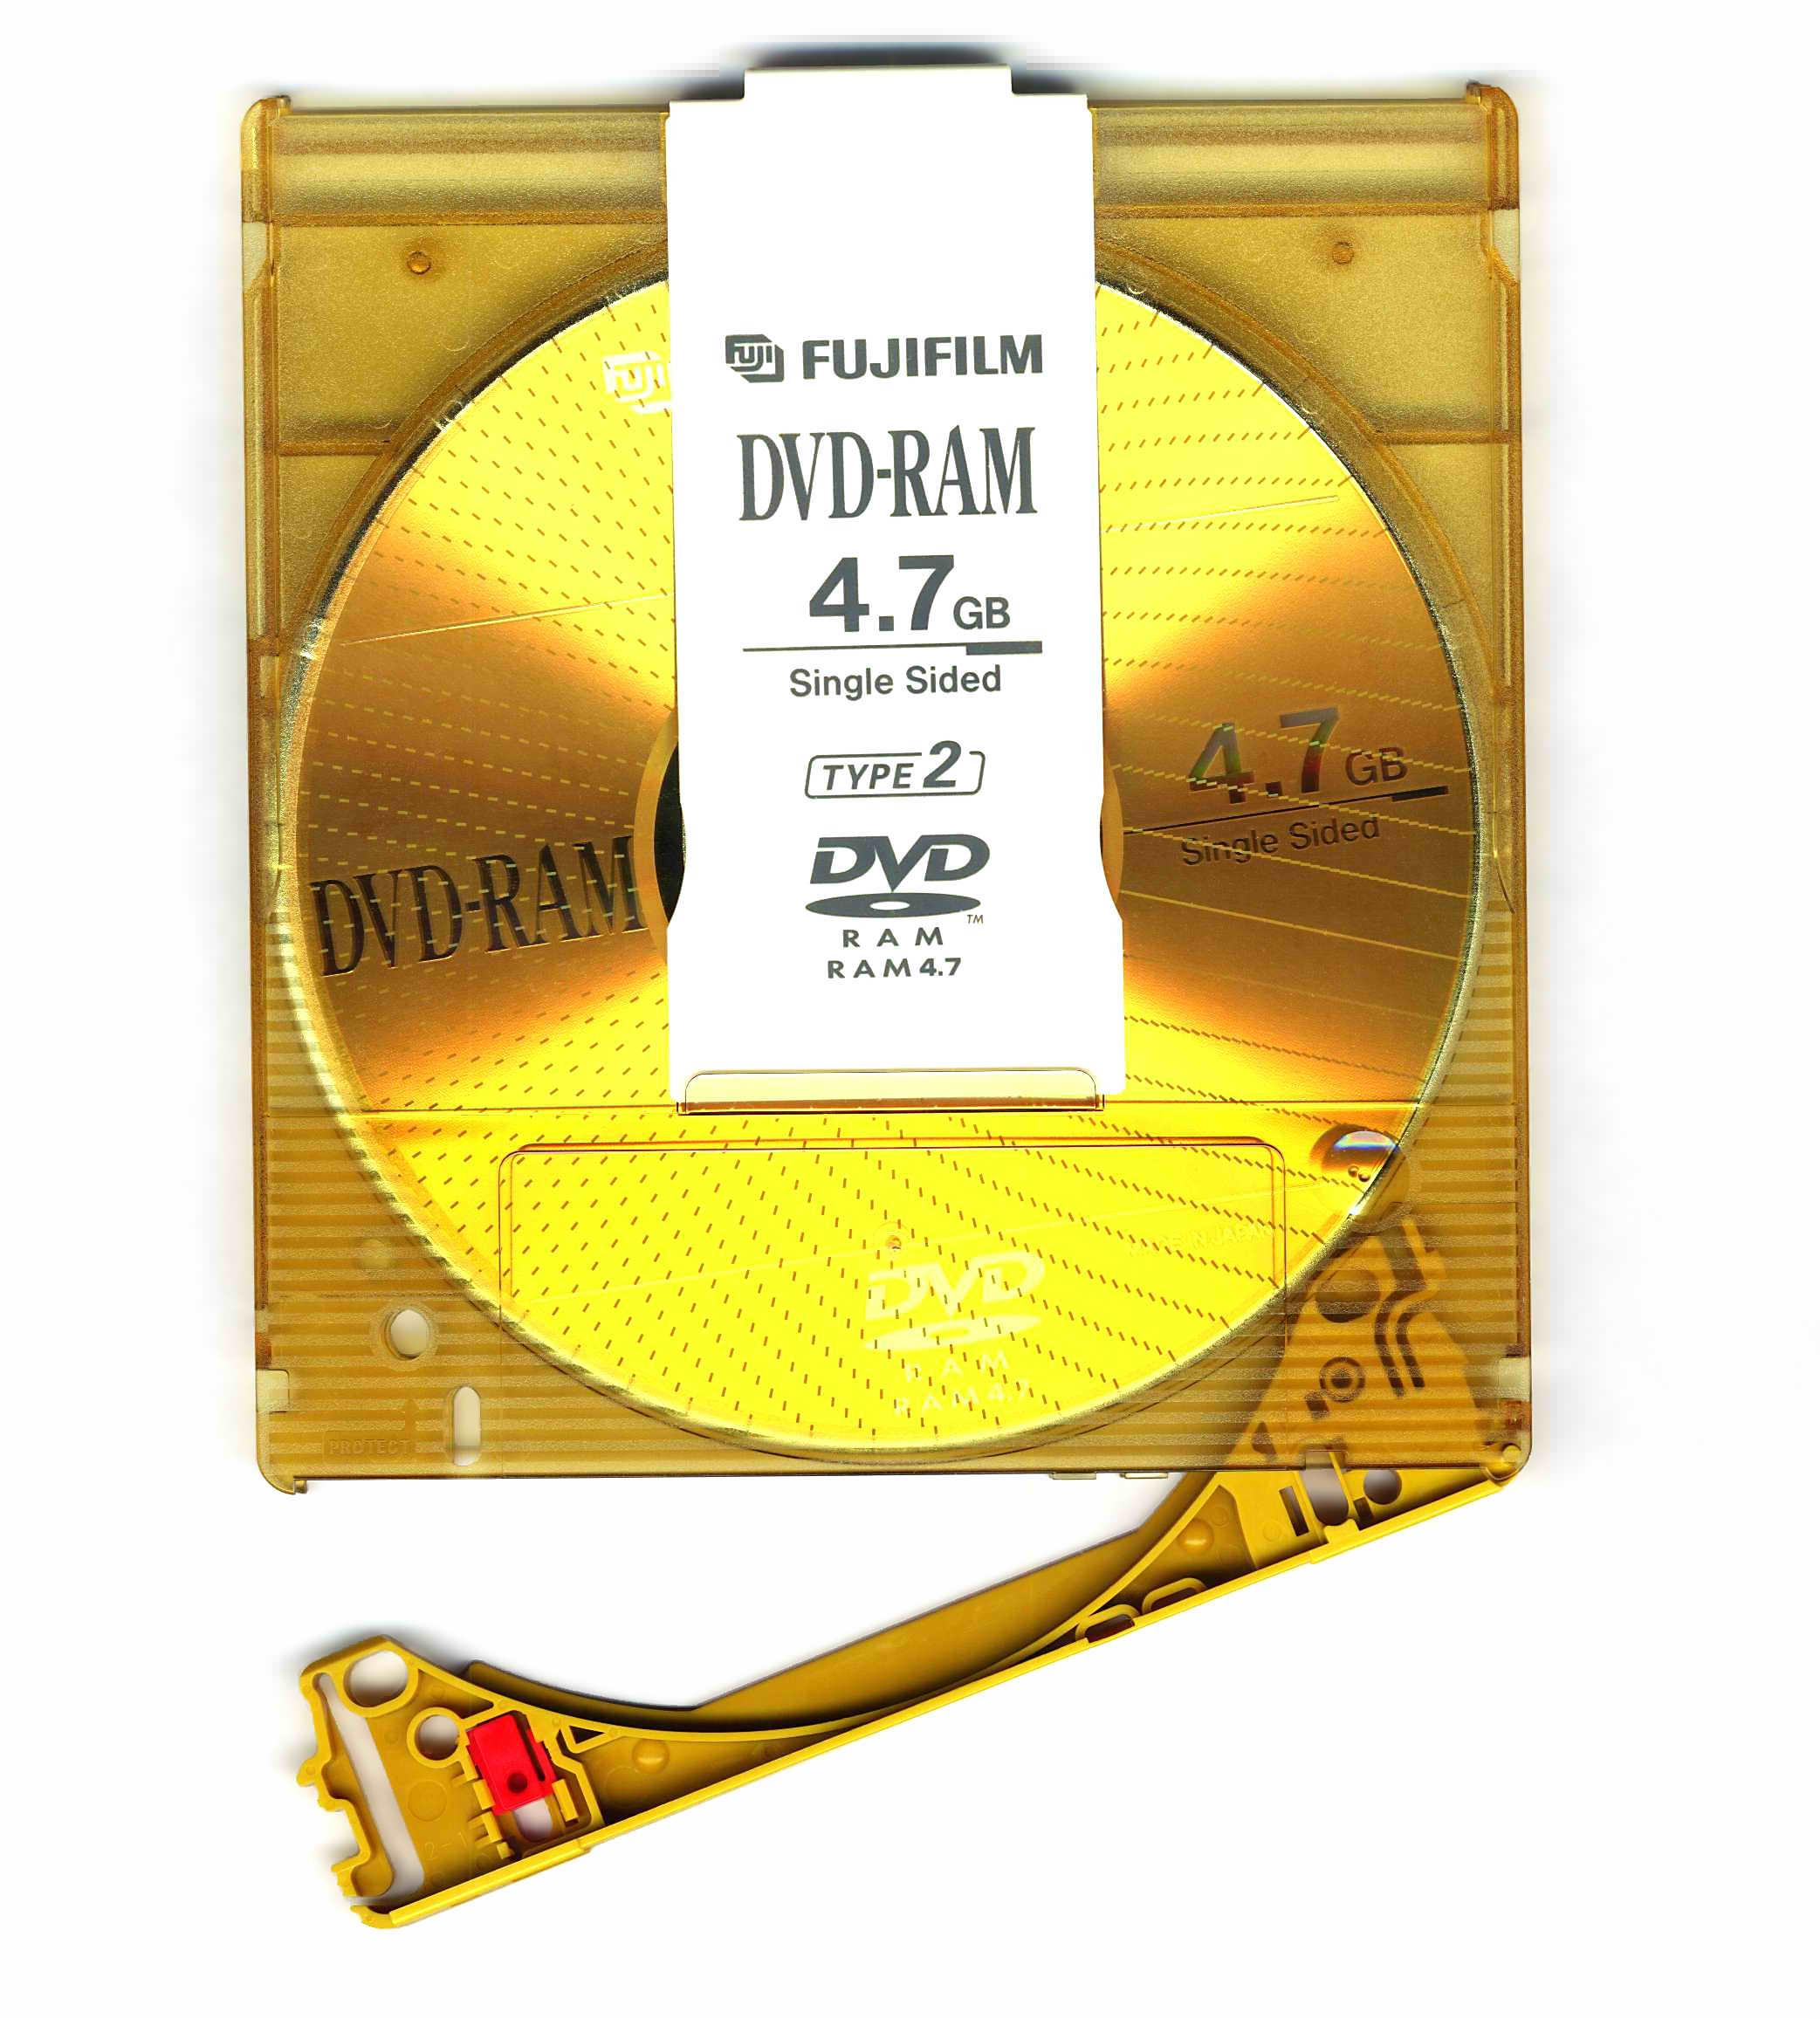 DVD-RAM_FUJIFILM_Disc-removalble_Without_cartridge-locking-pin